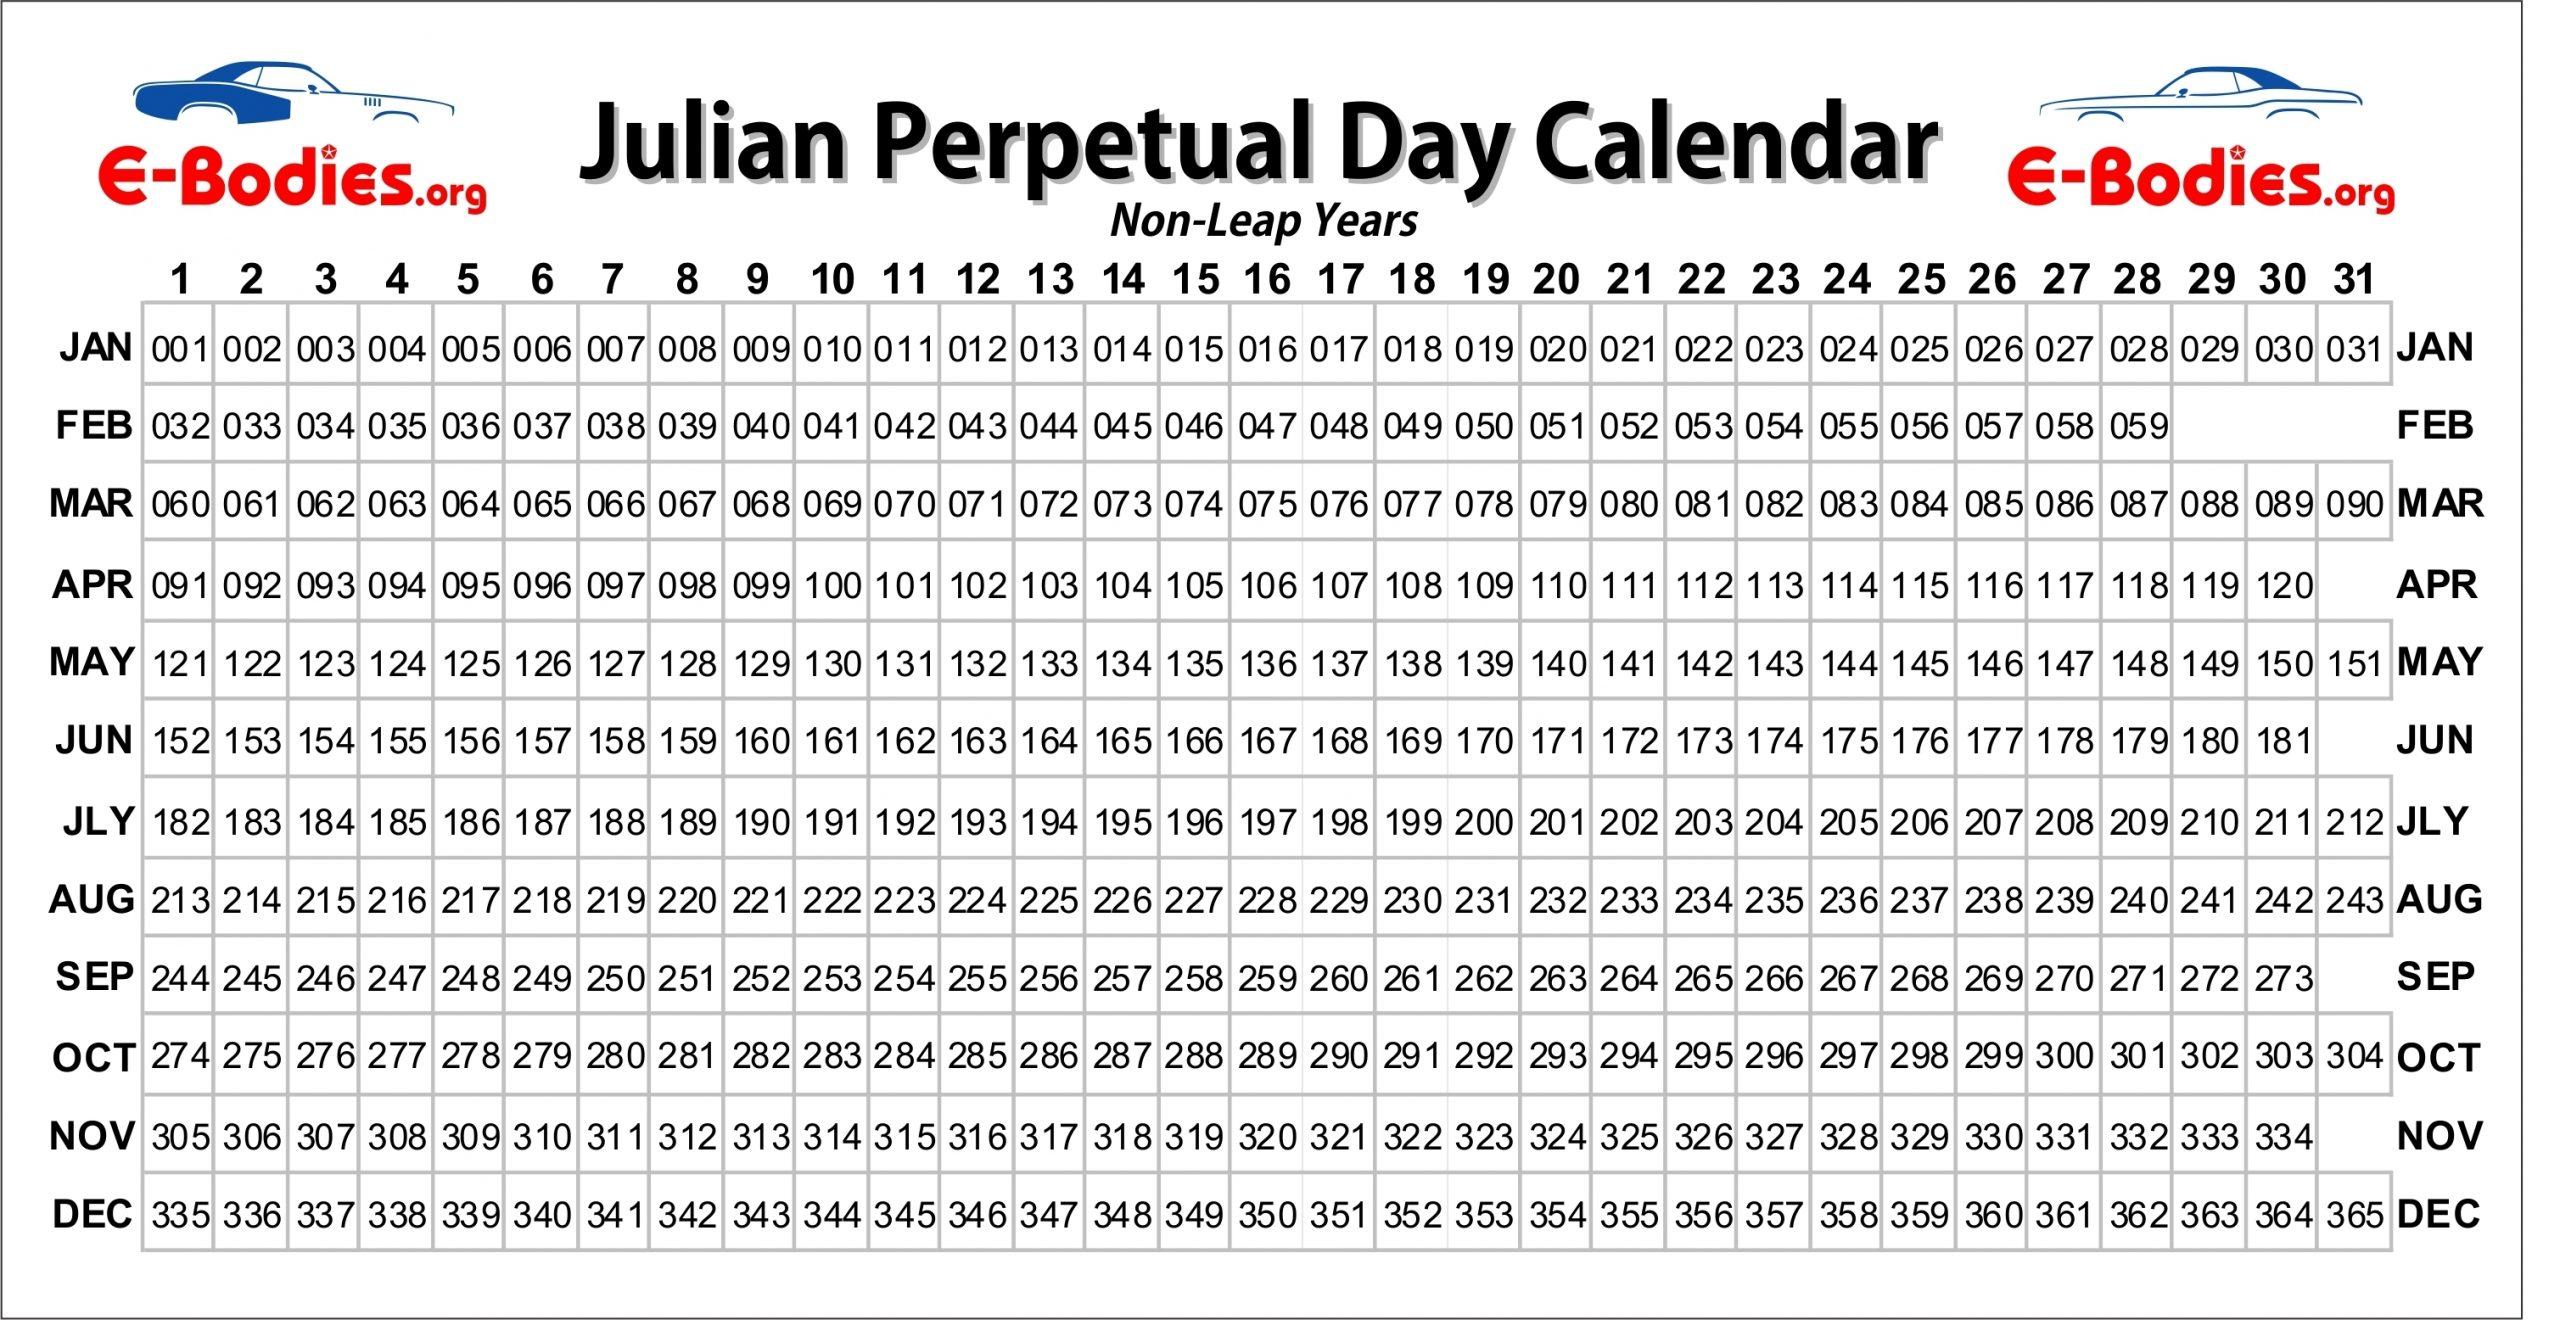 Mopar Julian Perpetual Day Calendar – E-Bodies